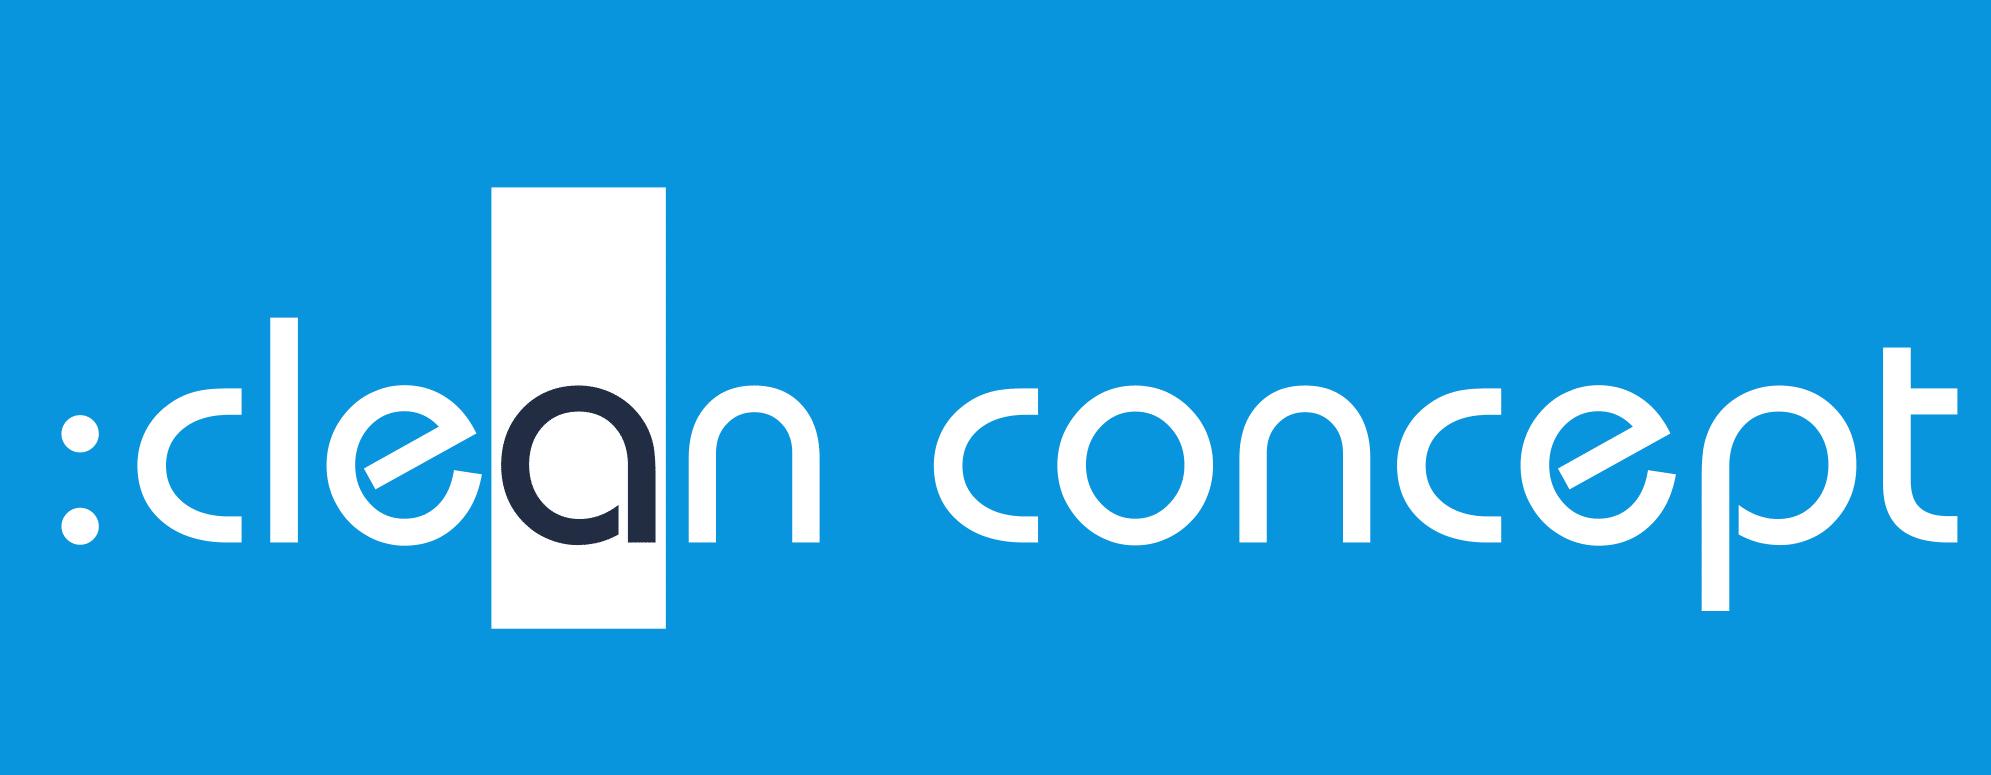 Cleanconcept24